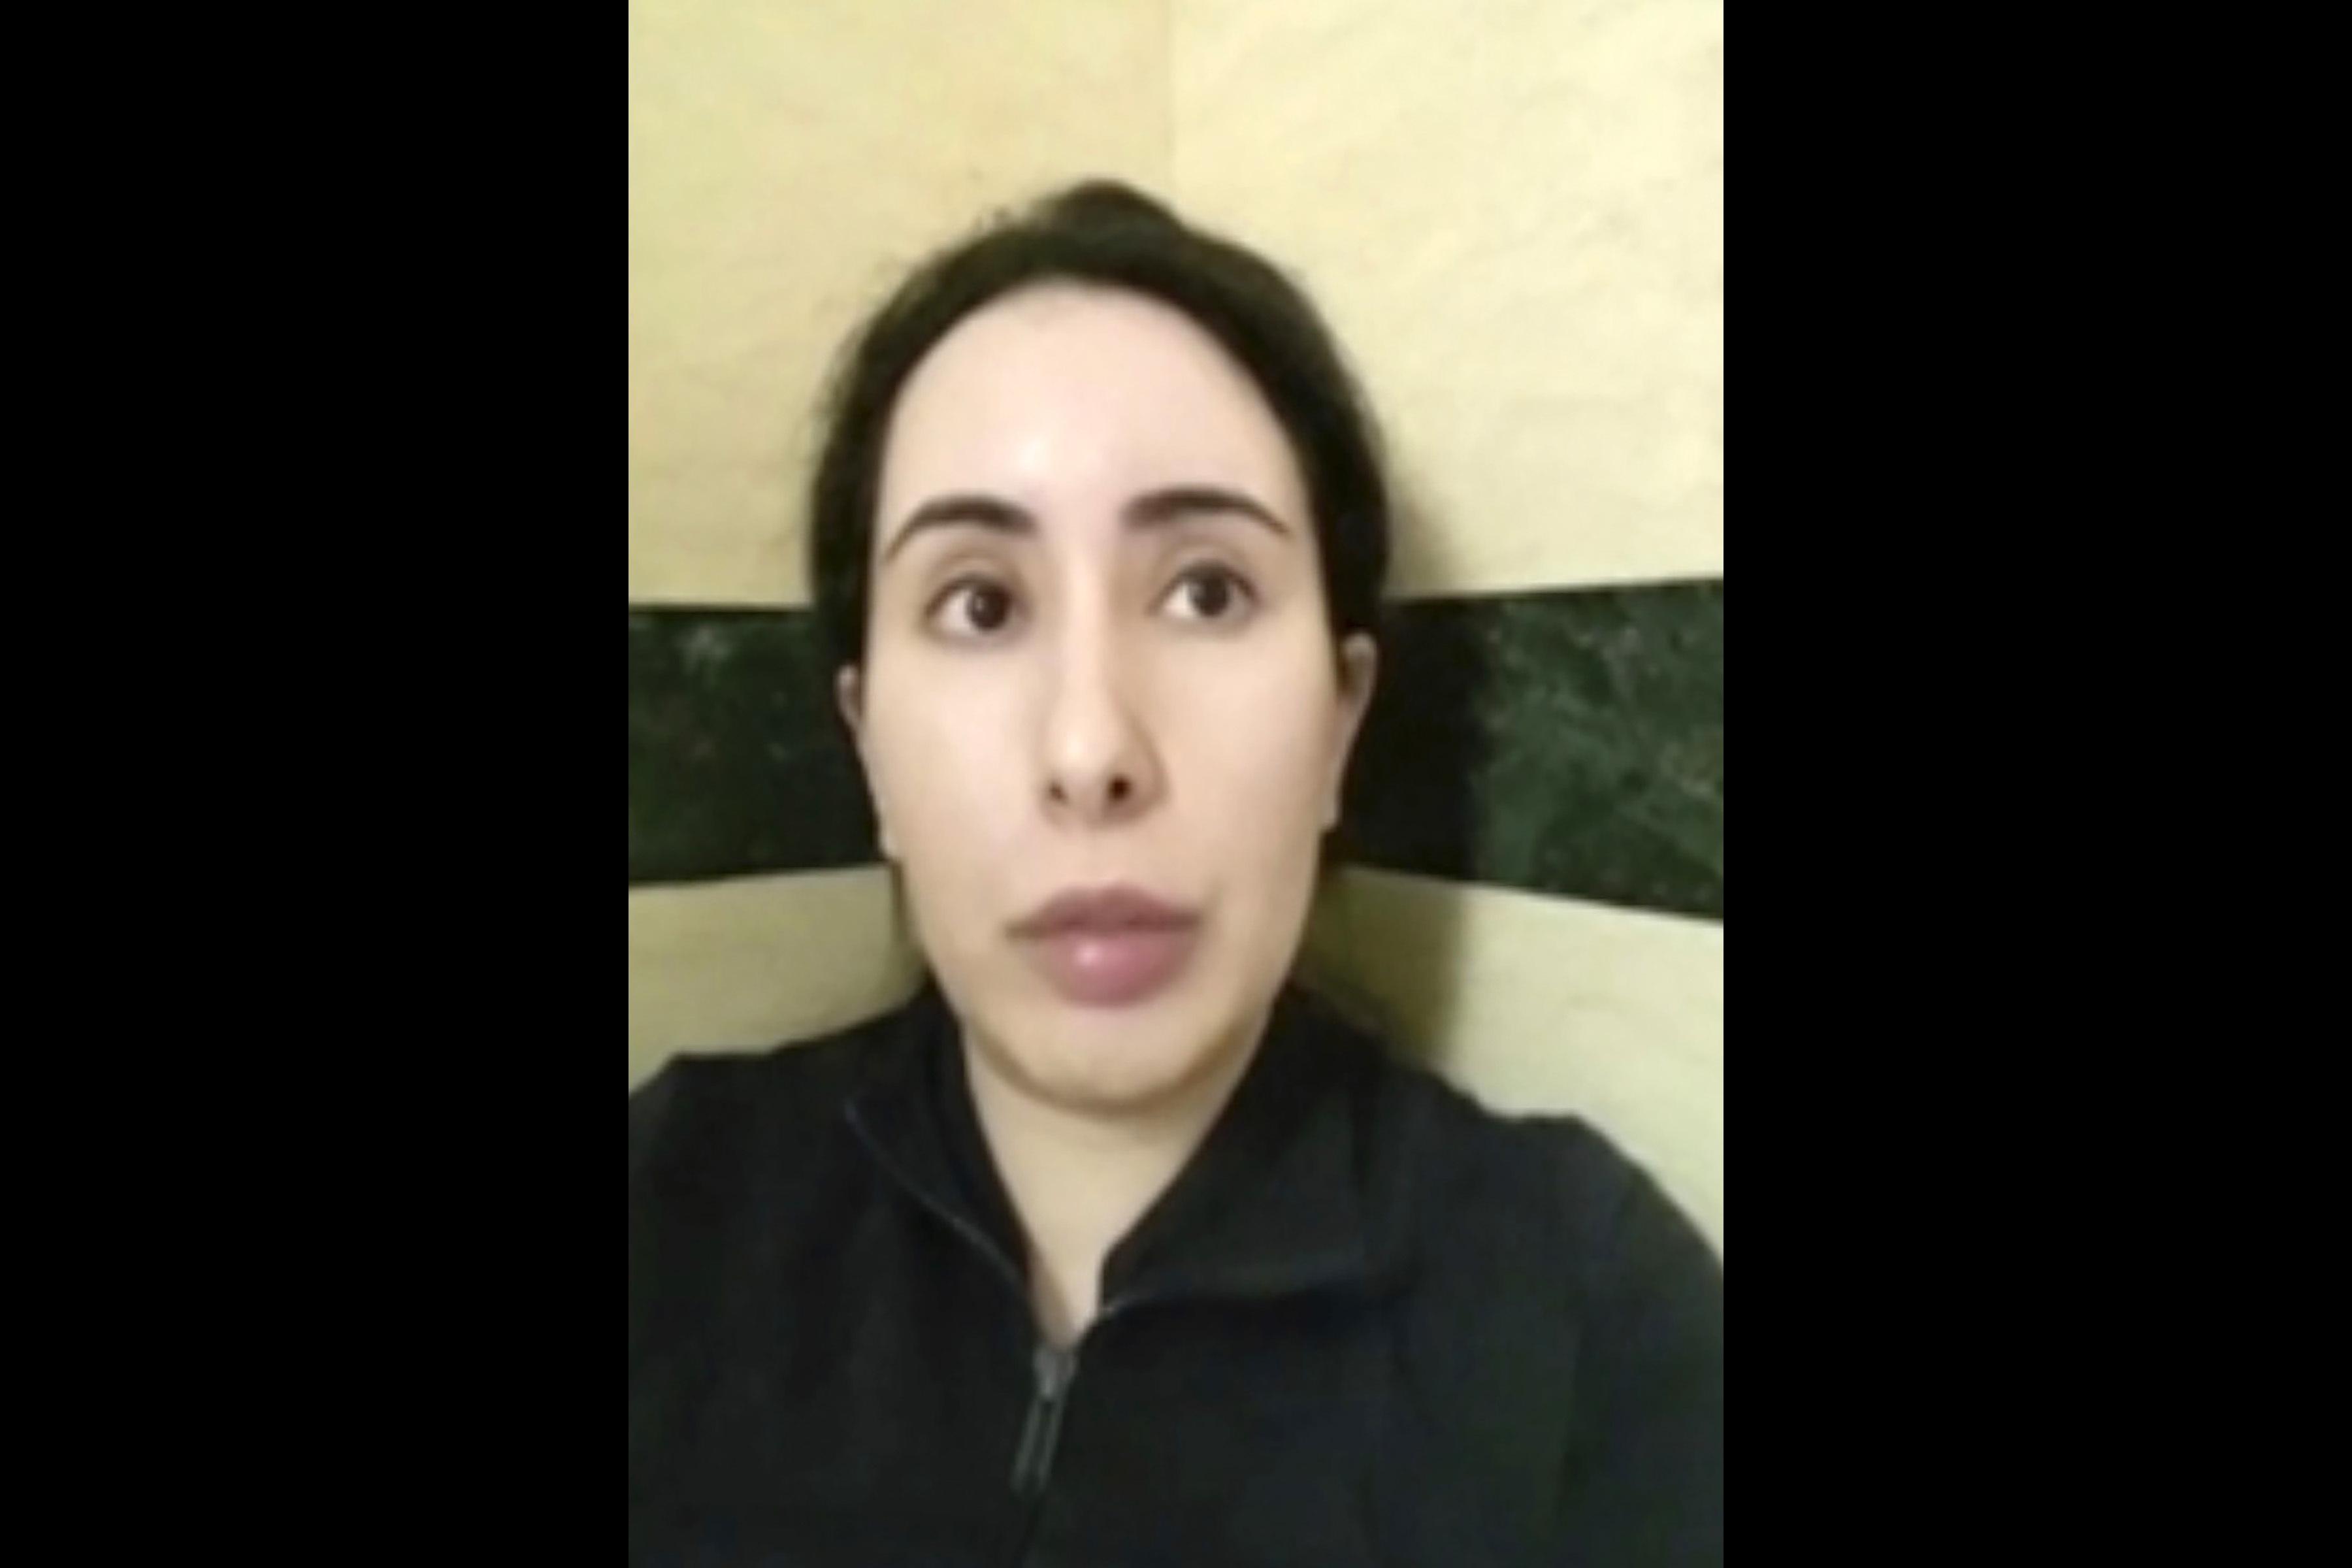 La princesa Latifa, en el vídeo que ella misma difundió.